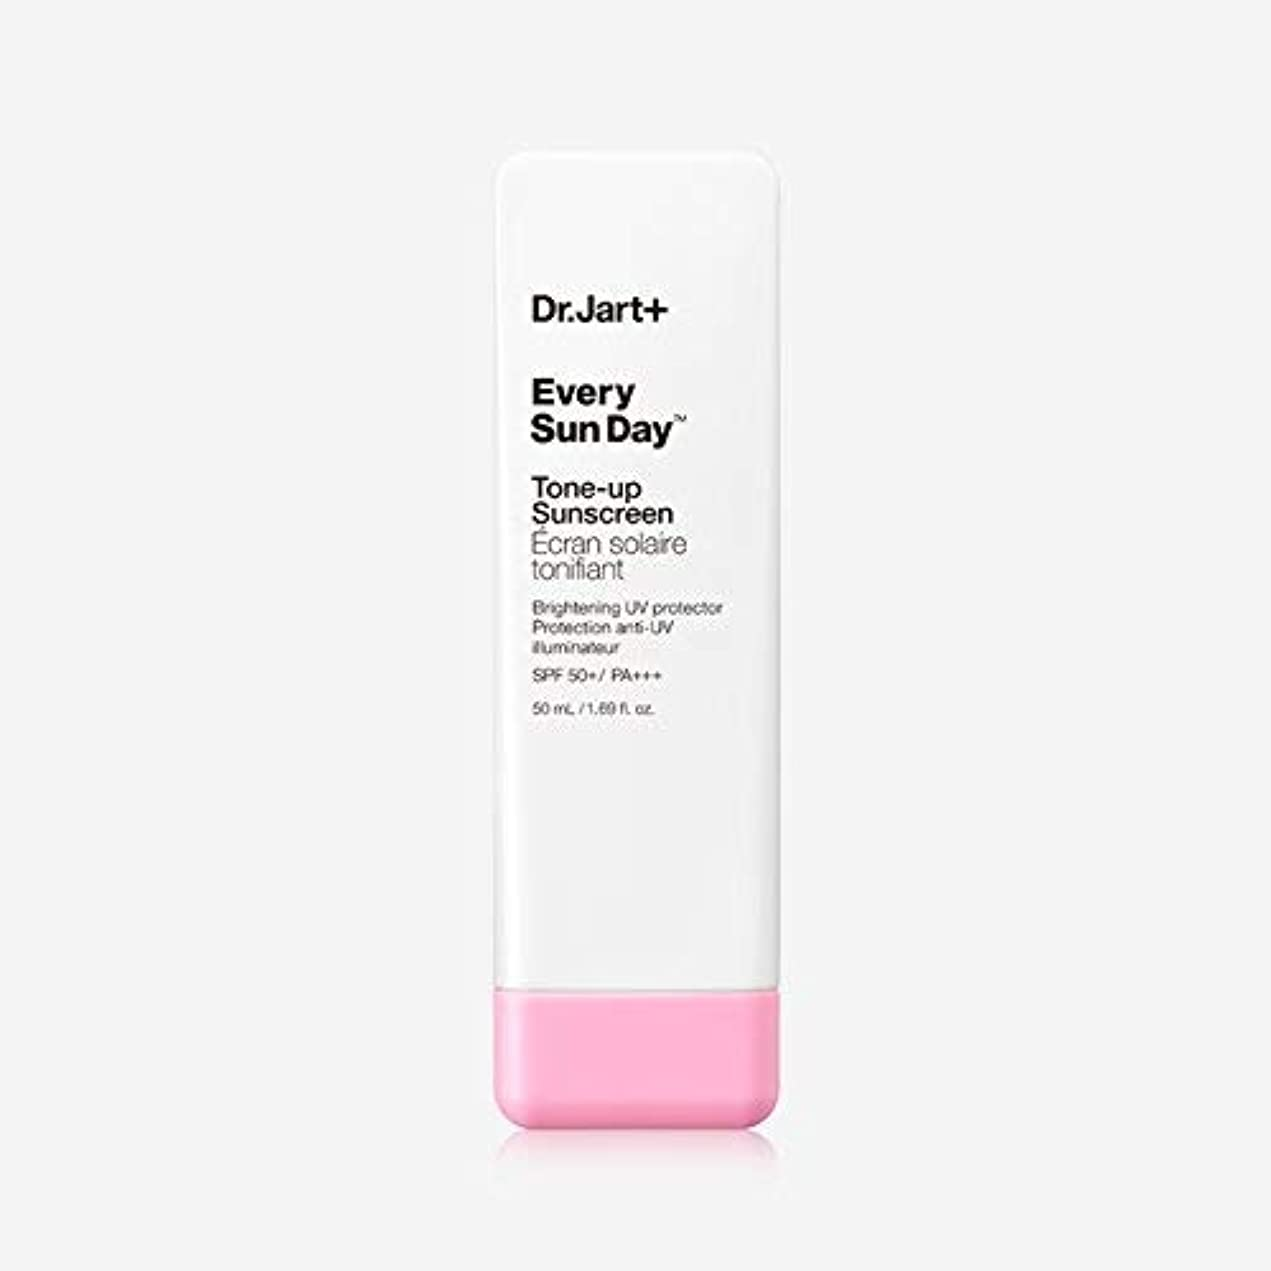 アーカイブ適格伝統的Dr.Jart+ Every Sun Day Tone-up Sunscreen SPF50+ PA+++ 50ml / ドクタージャルトゥエヴリサンデートーンアップサンスクリーンSPF50+PA+++50ml [並行輸入品]